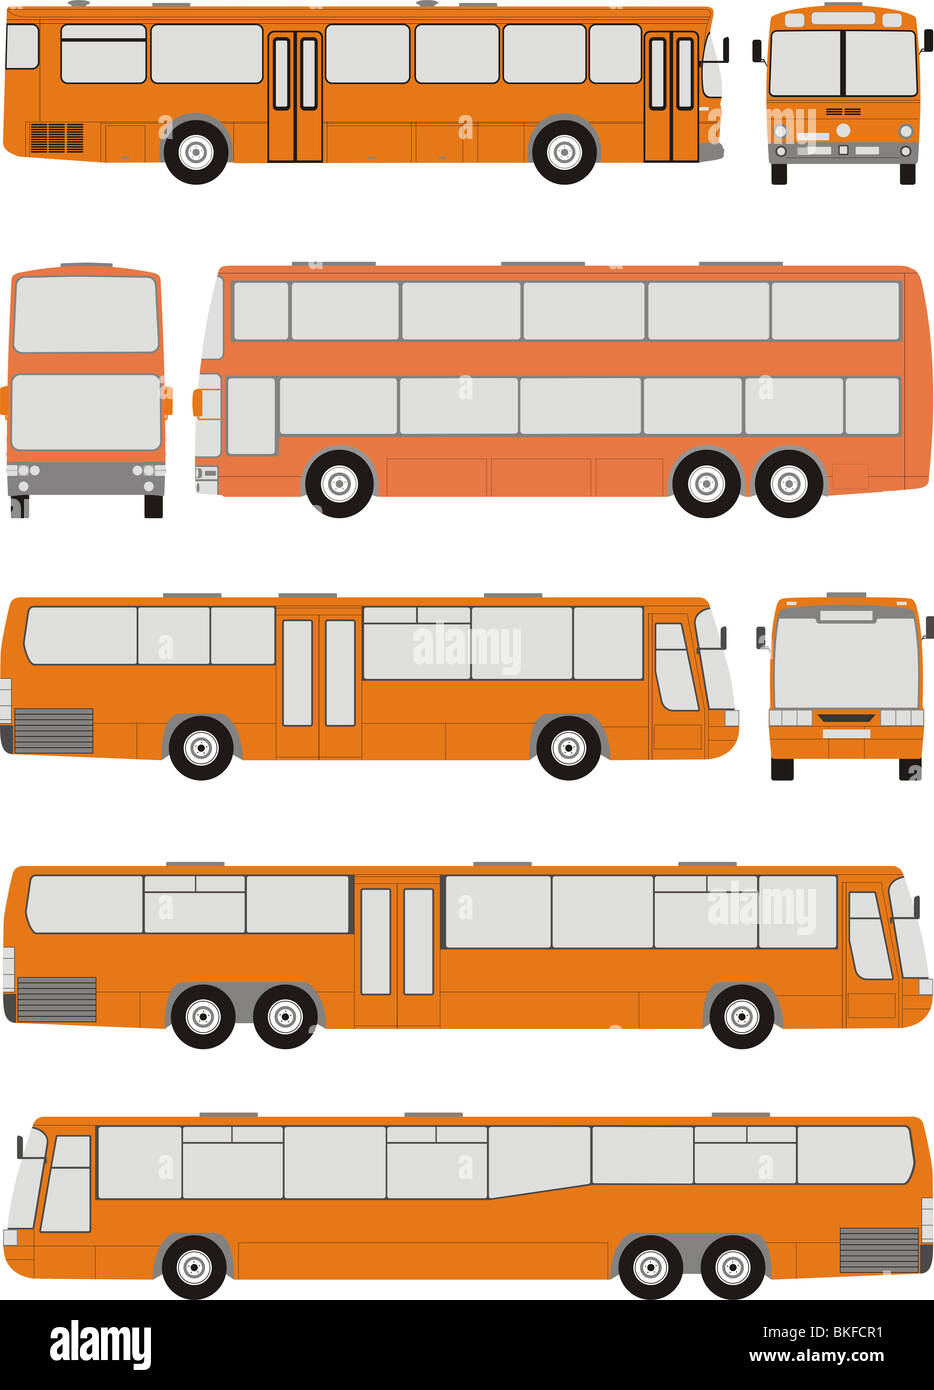 Vehicle Bus shapes - Stock Image